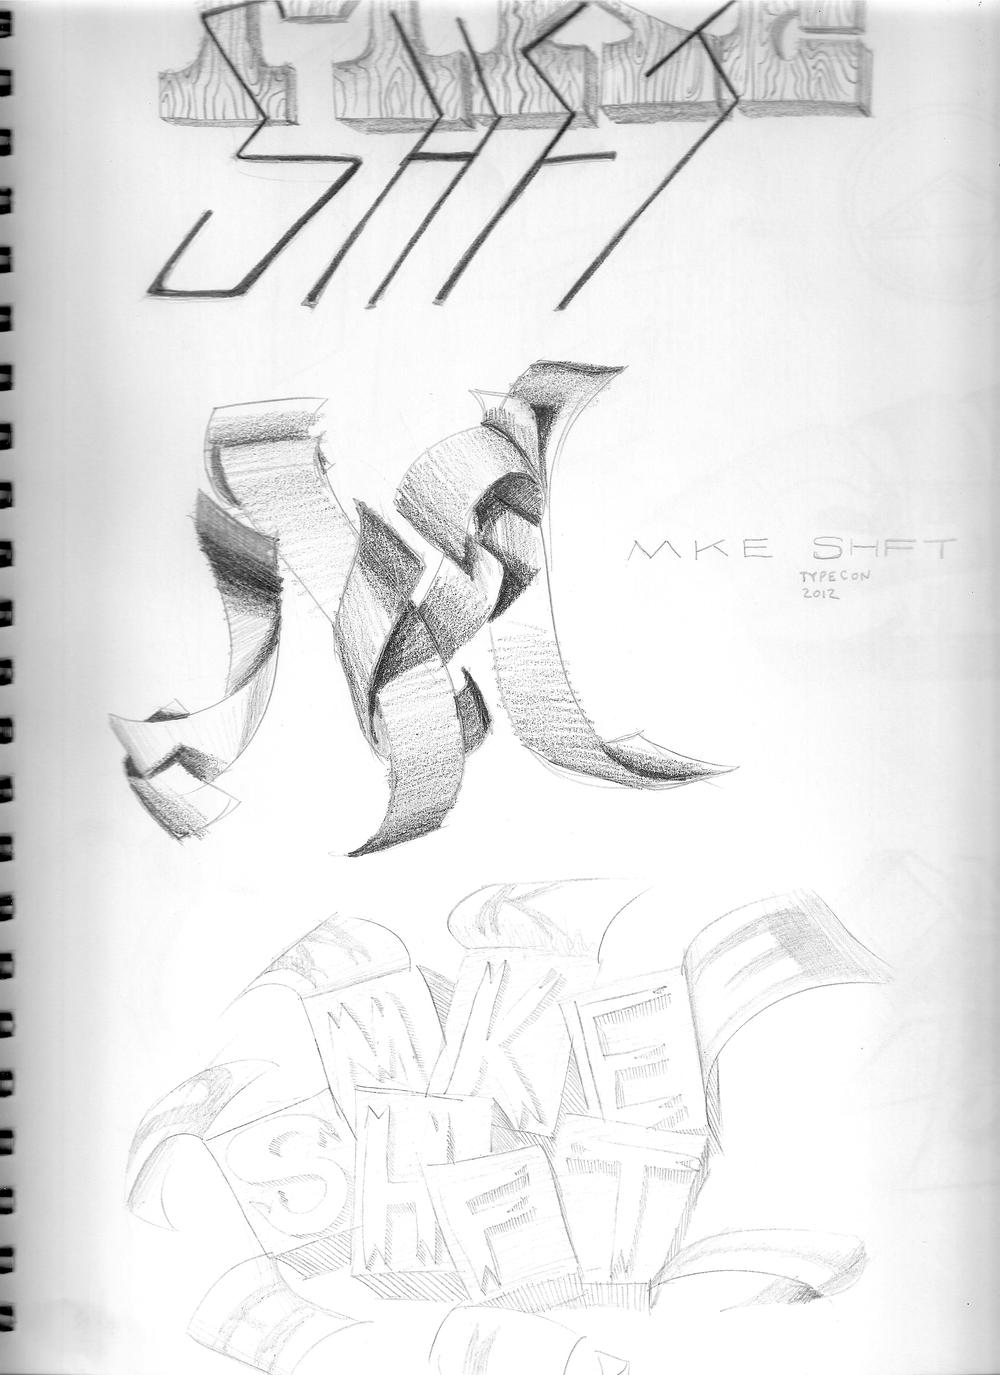 typecon2012sketchbook.jpeg